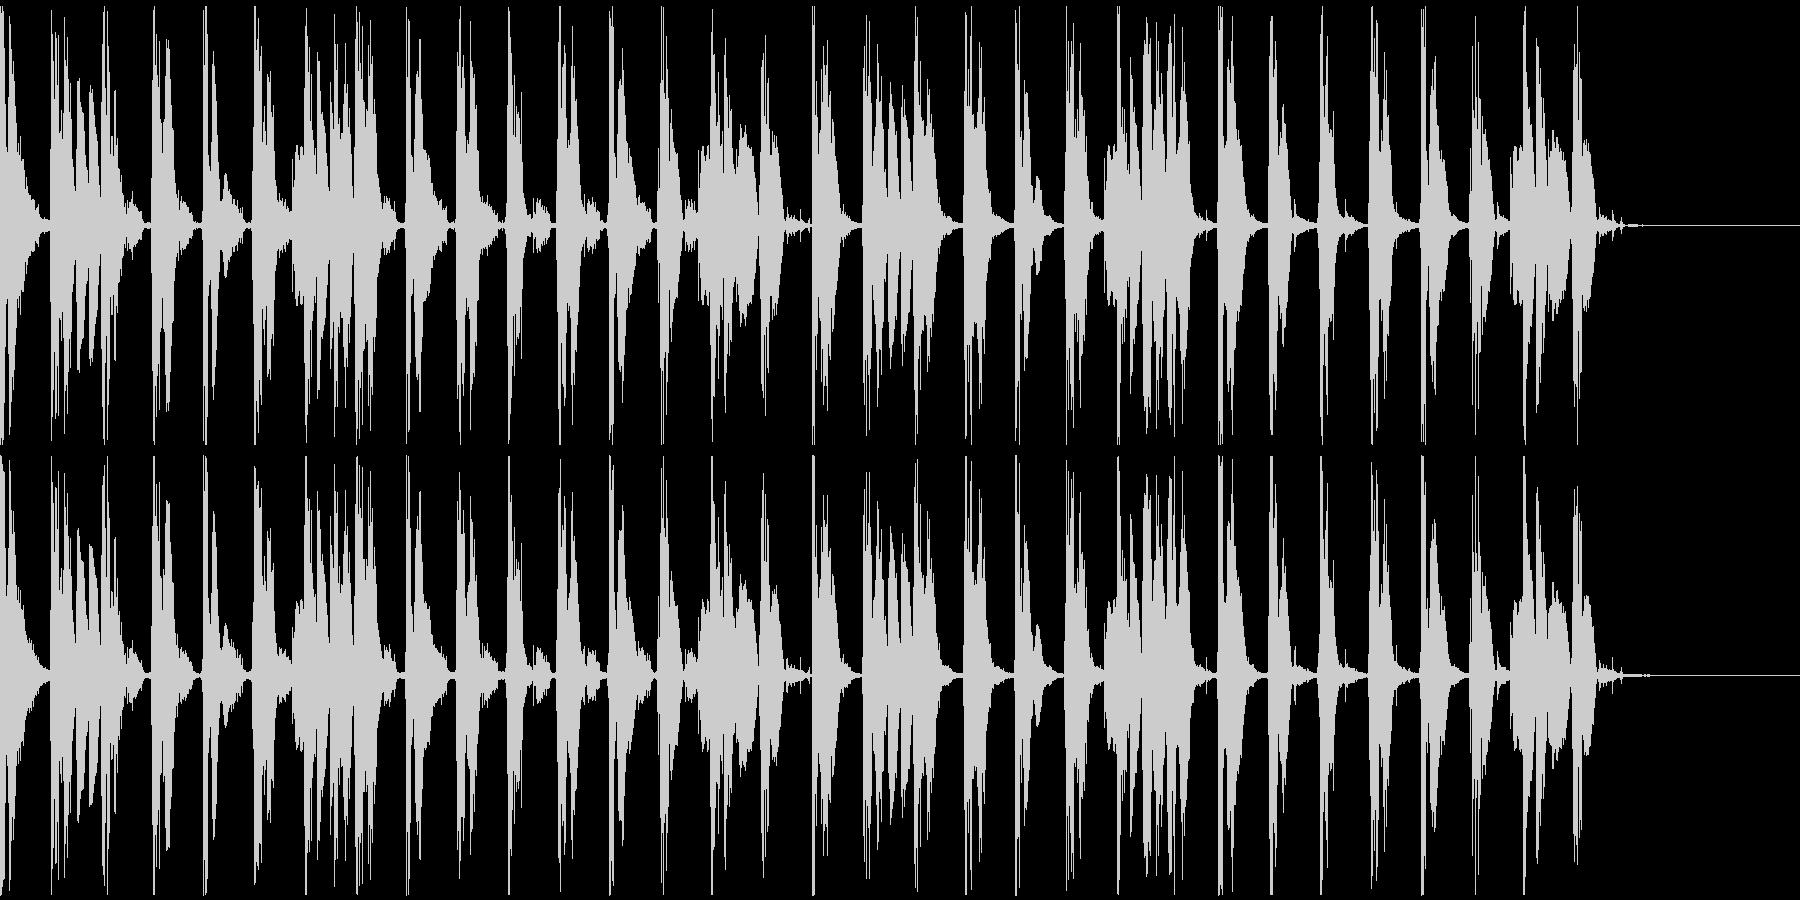 【エレクトロニカ】ロング5、ショート1の未再生の波形